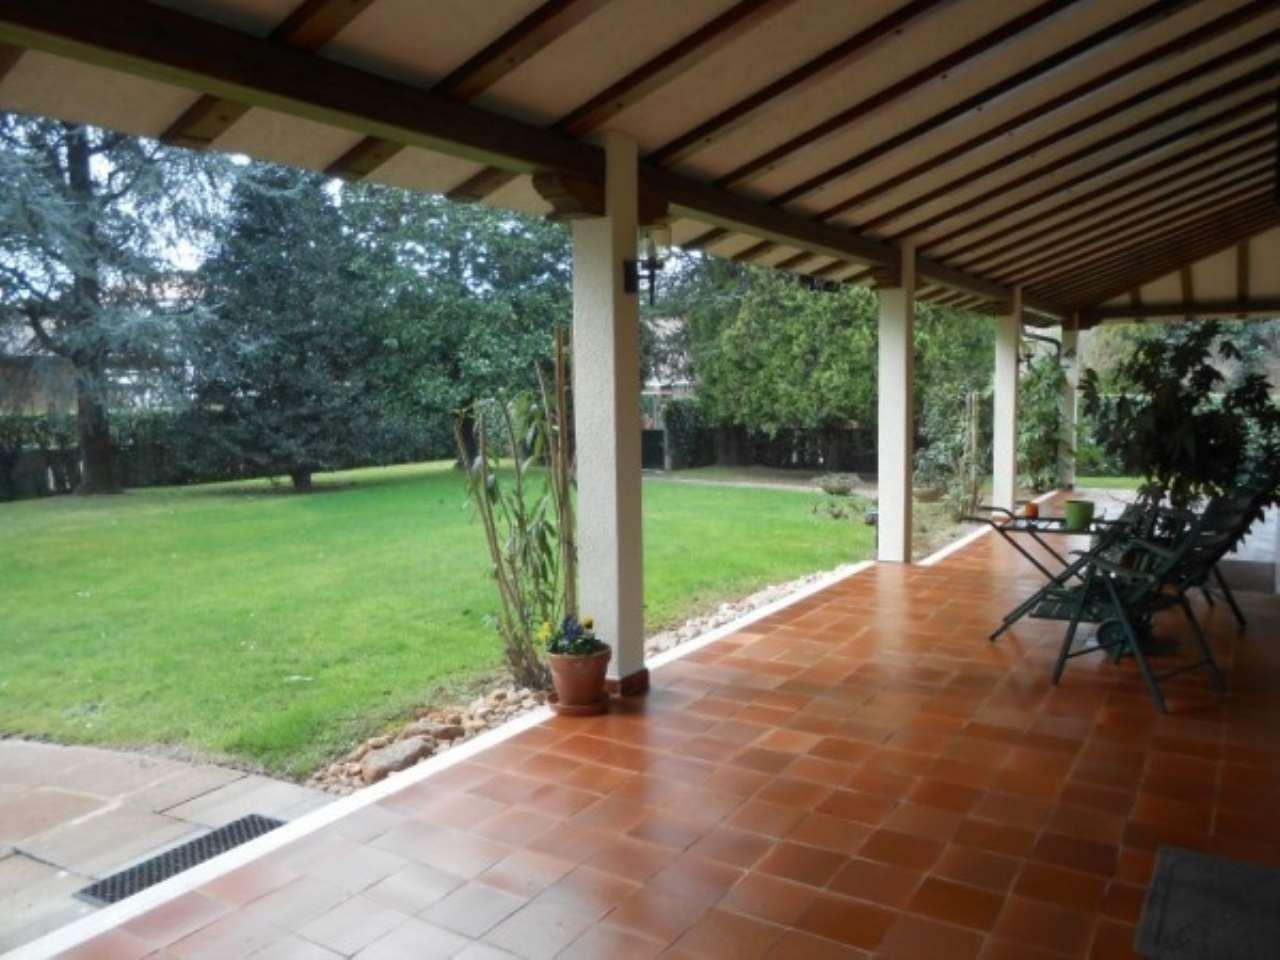 Villa in vendita a Venezia, 6 locali, zona Zona: 13 . Zelarino, Trattative riservate | CambioCasa.it